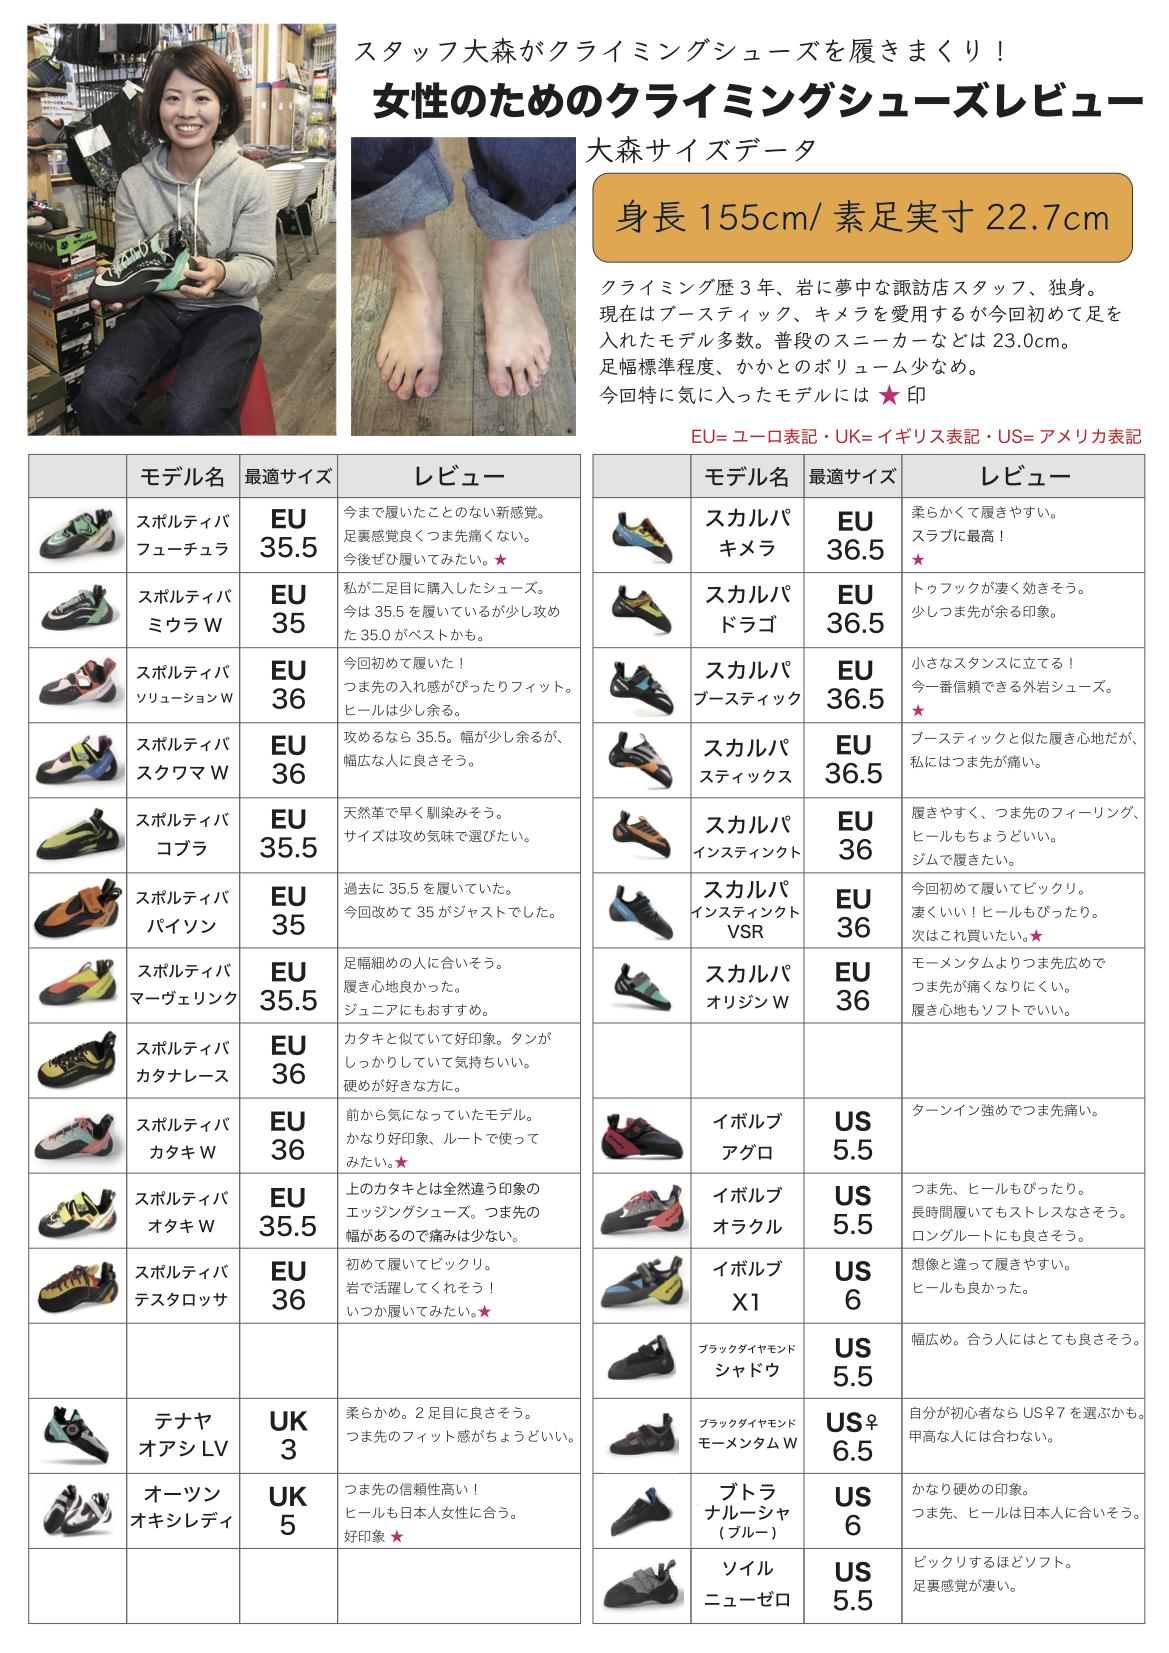 http://www.edgeandsofa.jp/blog/10ee55657fe05c890b6bd94a54b41153f3f509af.png